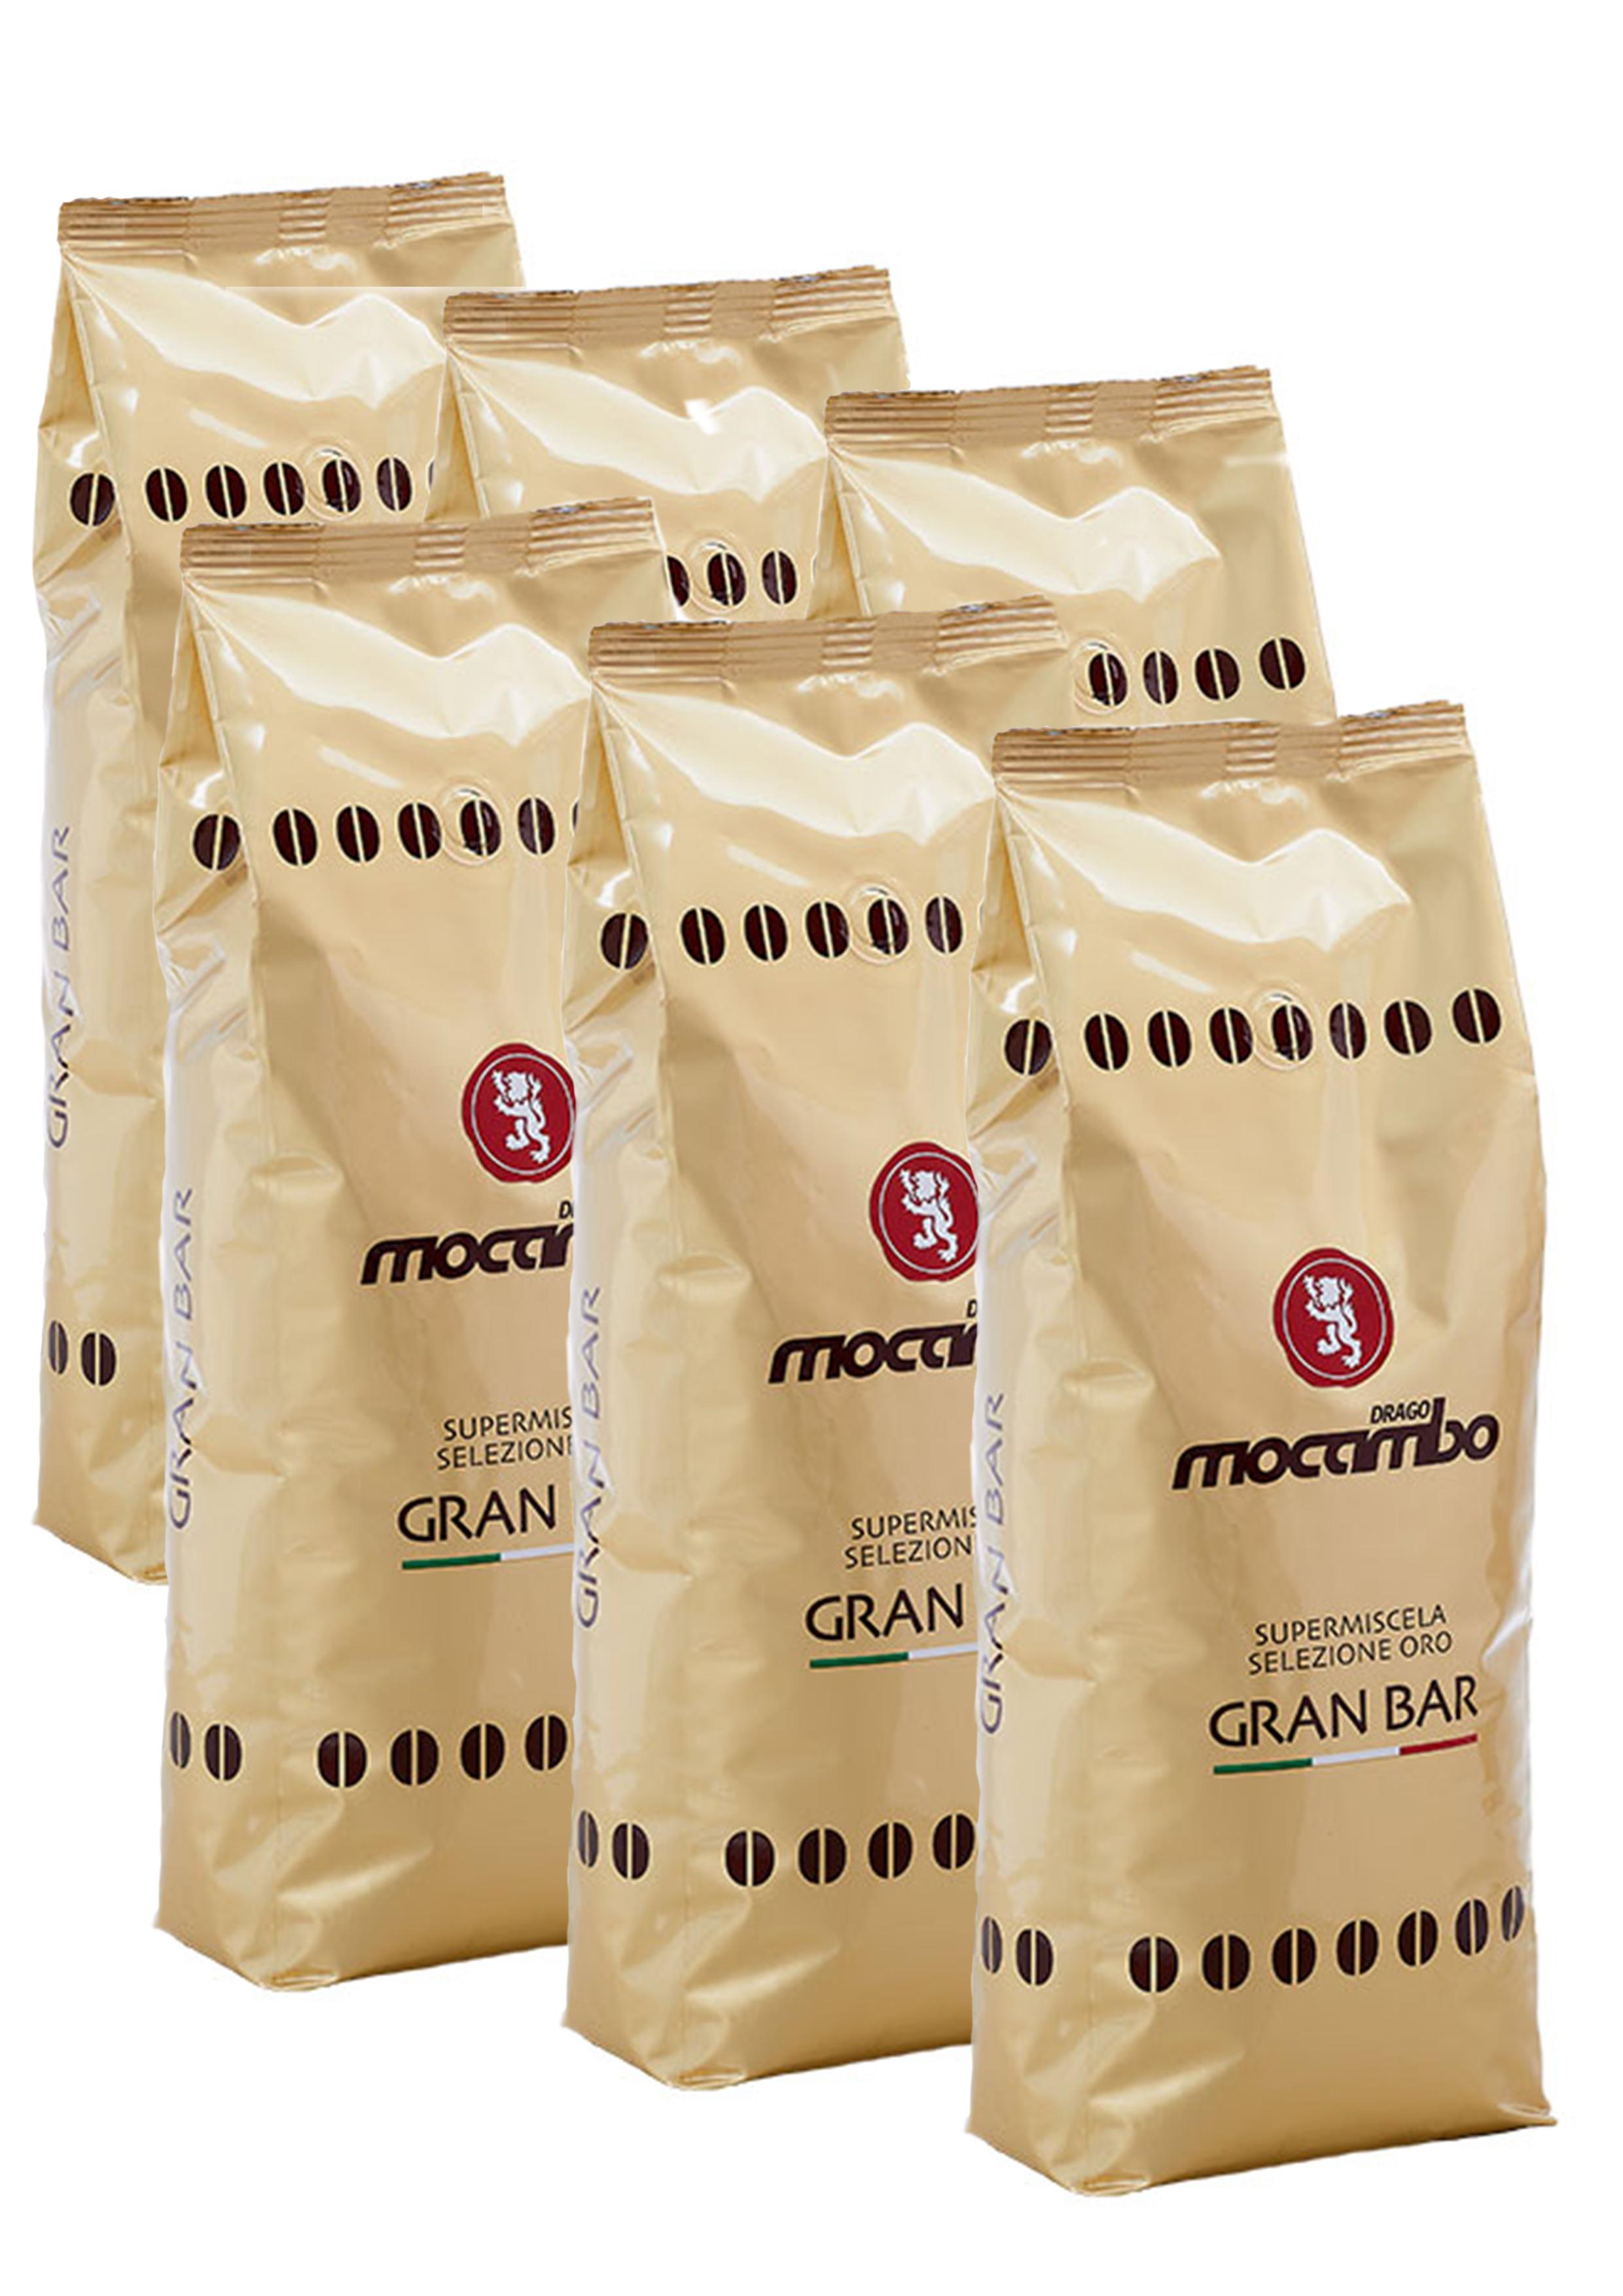 Mocambo Gran Bar, Espresso Kaffee Bohnen 6x 1 kg